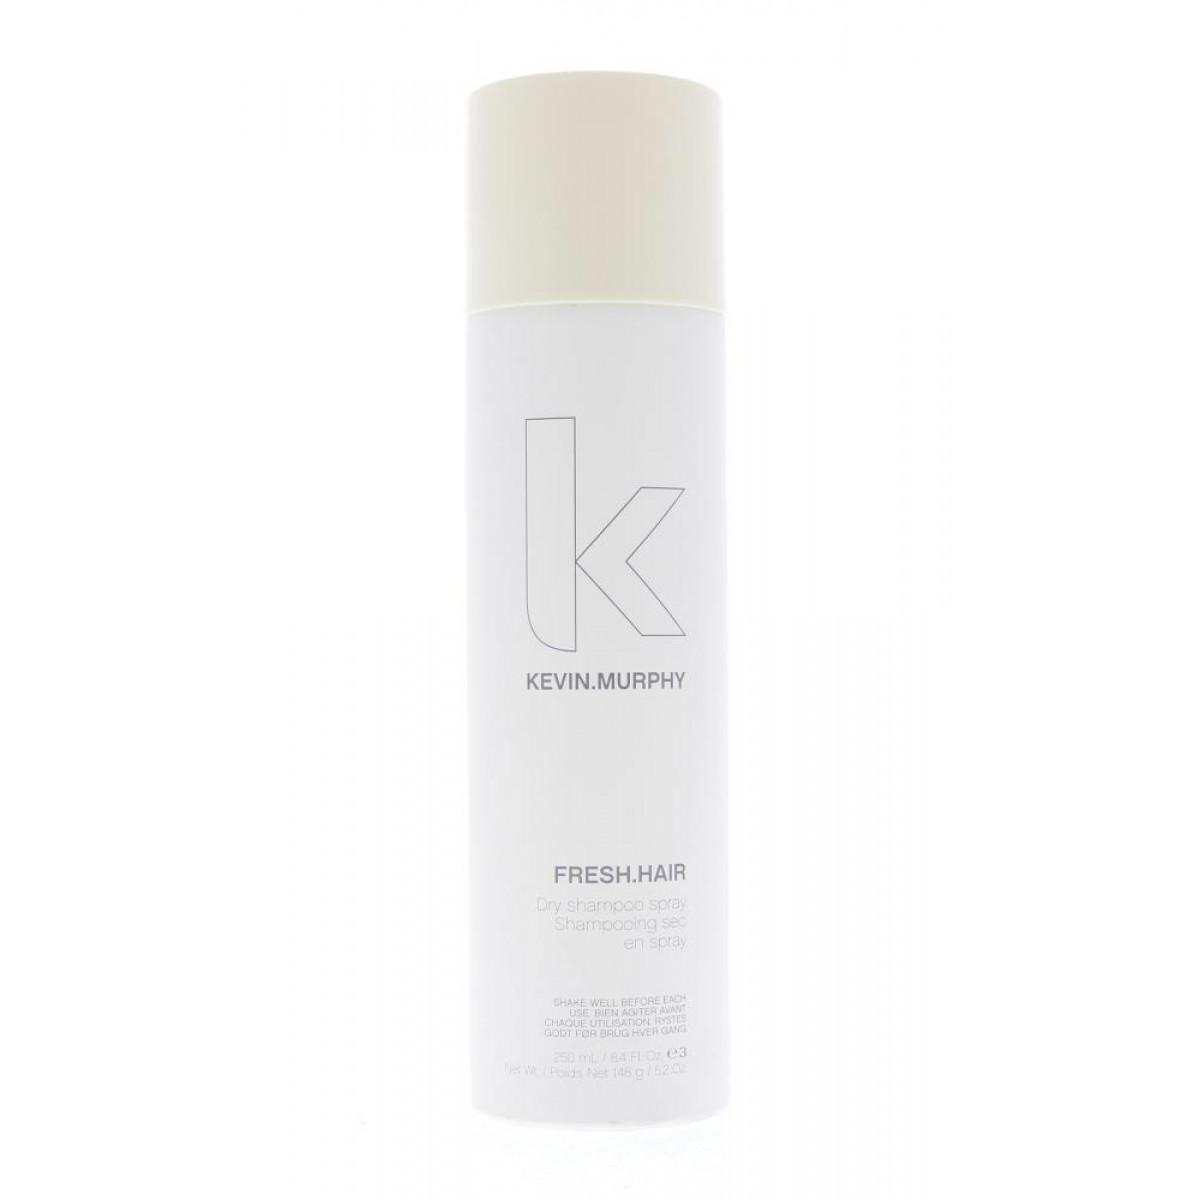 kevin murphy fresh hair en la tienda online de eva pellejero